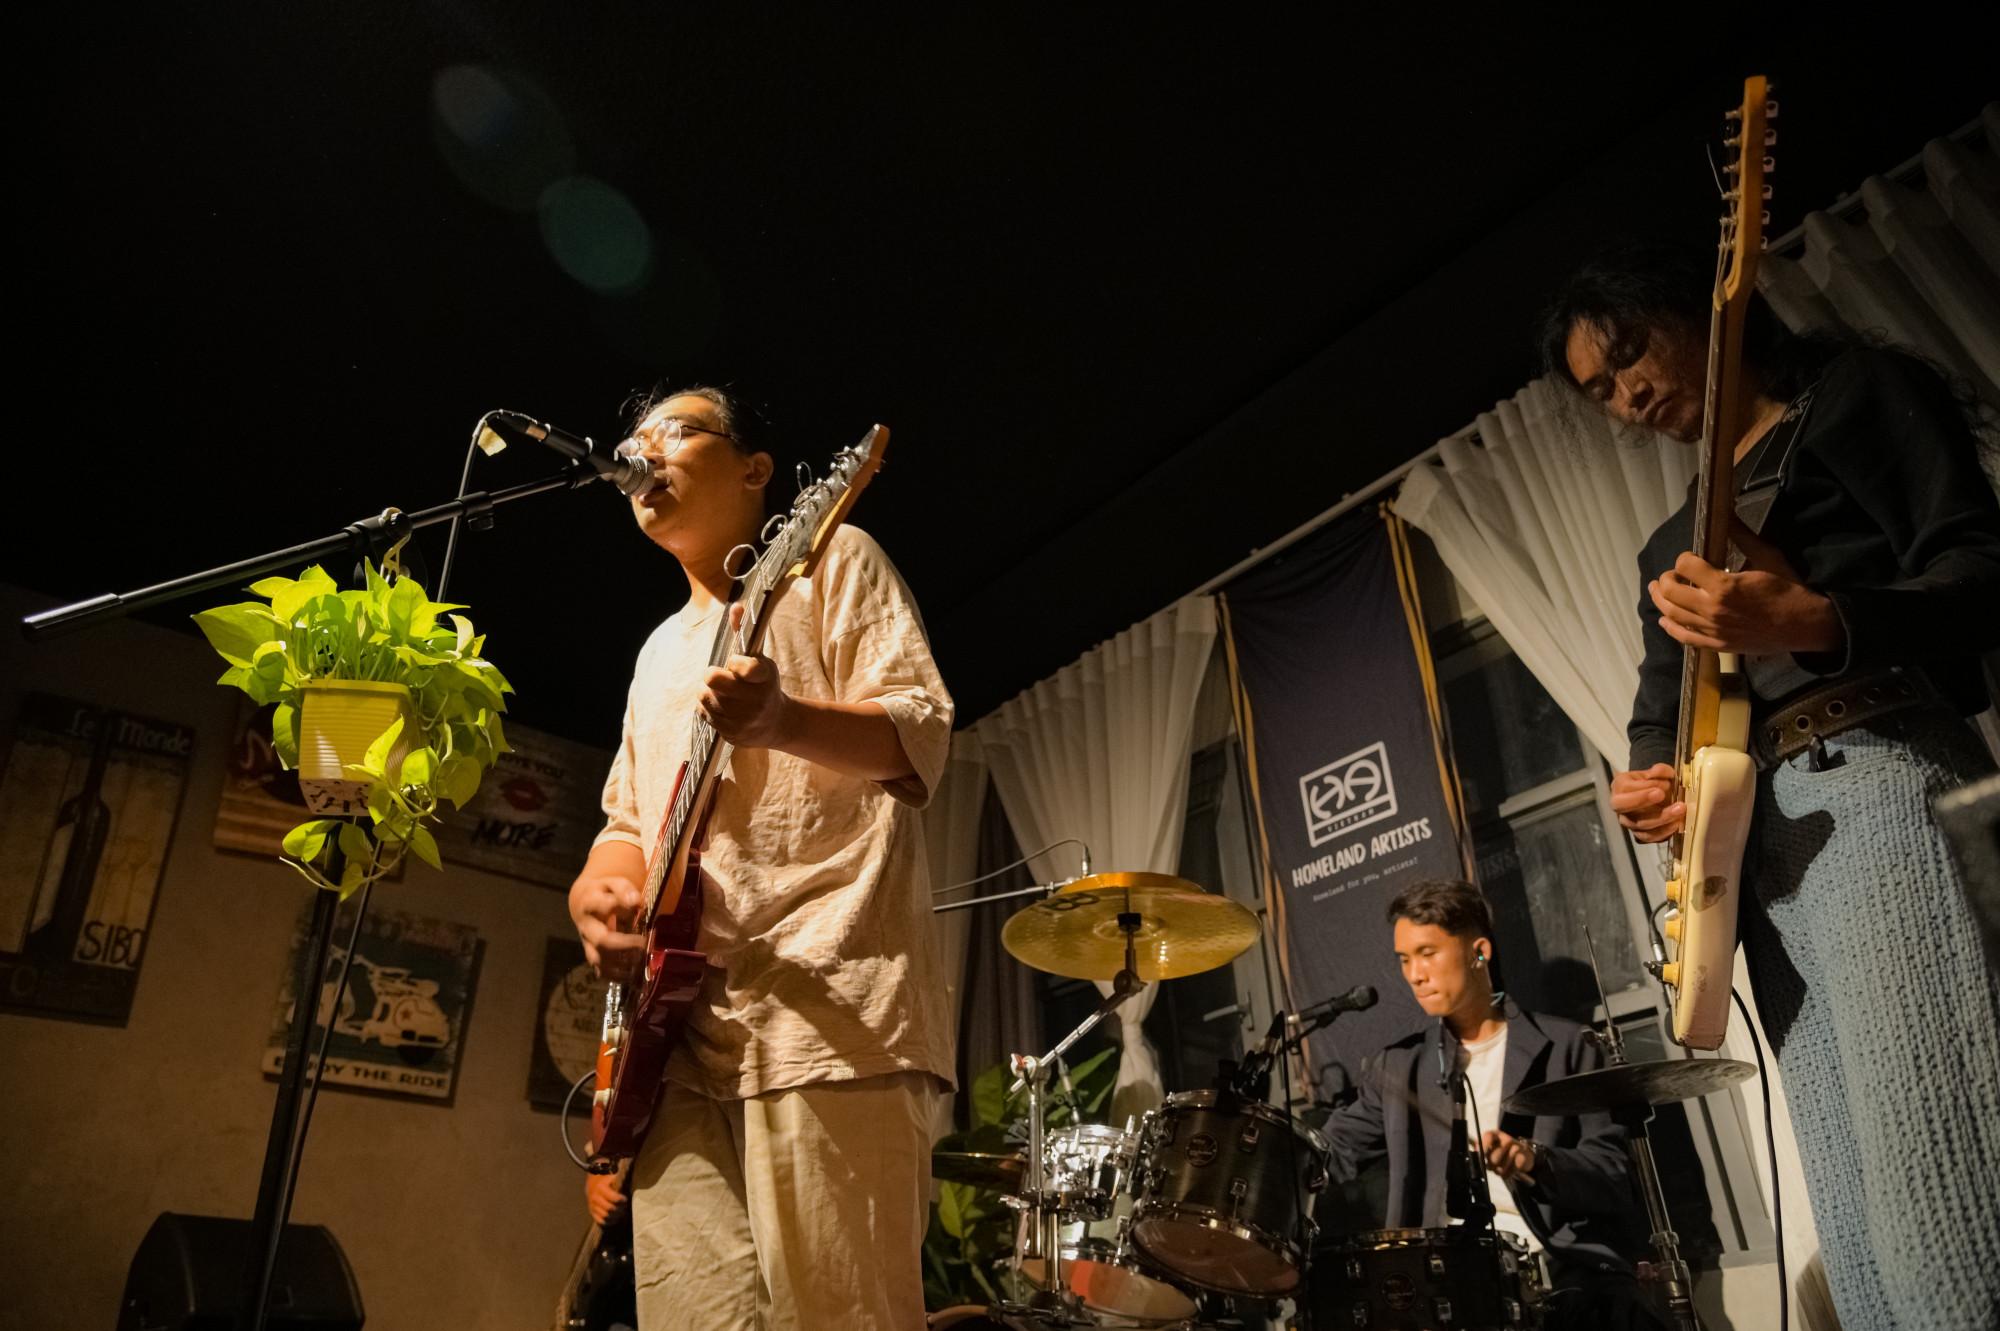 Buổi biểu diễn của Xanh vào tháng 4 vừa qua